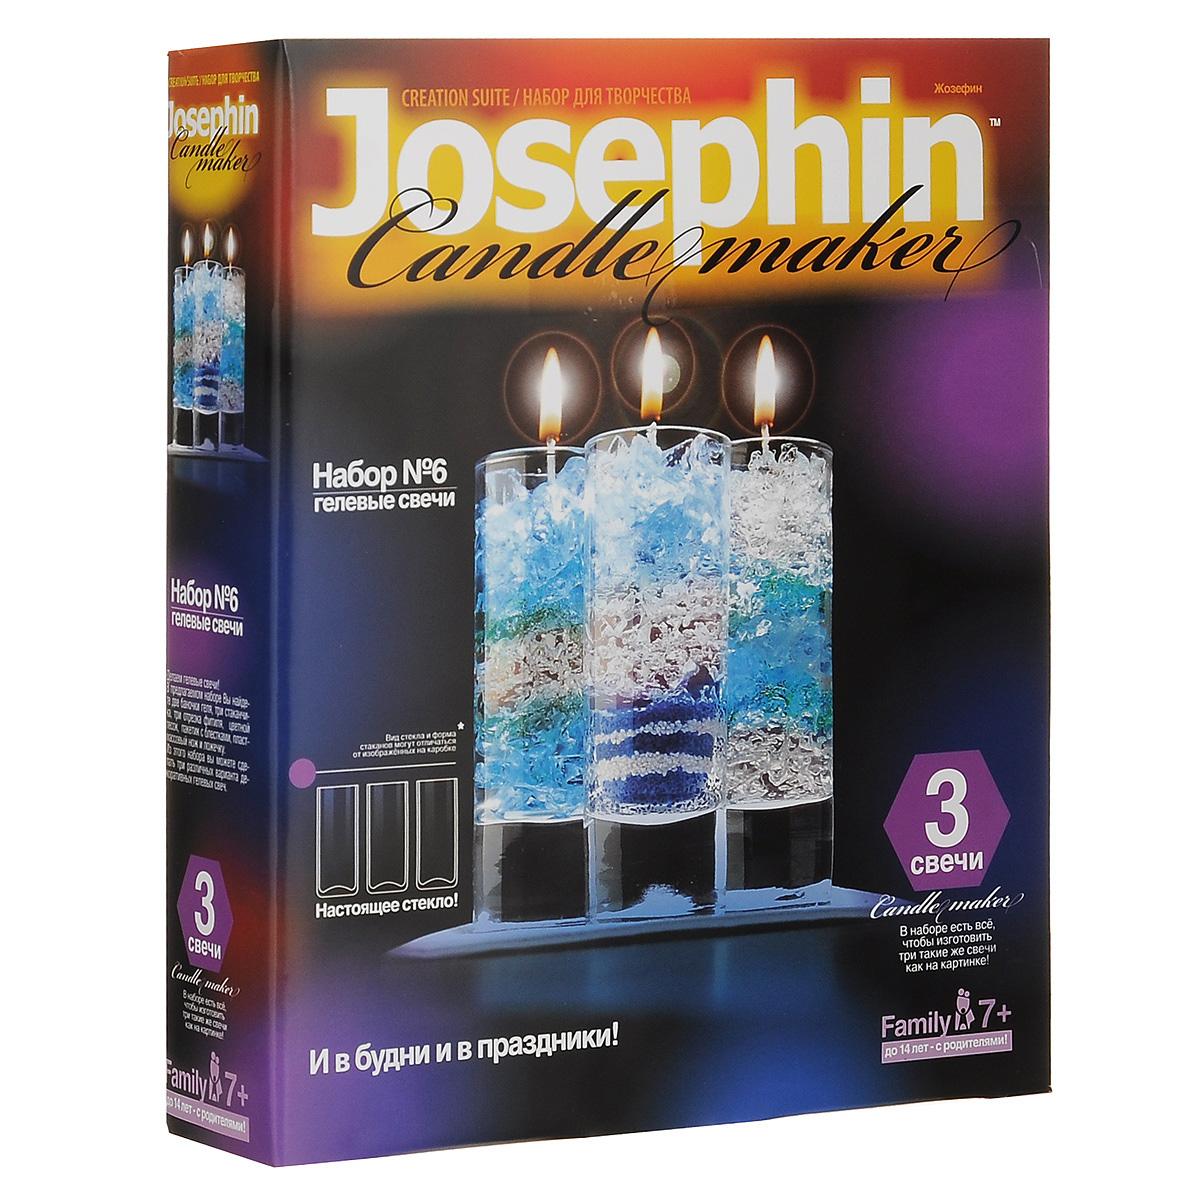 Набор для изготовления гелевых свечей Josephin №6274006В наборе для изготовления гелевых свечей Josephin №6 вы найдете две баночки геля, три стаканчика, три отрезка фитиля, цветной песок, пакетик с блестками, пластмассовый нож, ложечку и подробную инструкцию по работе с набором. Из этого набора вы сможете изготовить три различных варианта декоративных гелевых свечей. Кто не мечтал о своем маленьком свечном заводике? Вот он! Праздник, семейное торжество или обычный день - набор отлично подойдет для подарка, для эксклюзивно изготовленного украшения праздника или просто позволит увлекательно и уютно провести вечер в семейном кругу. Это своего рода соревнование в фантазии и вкусе, изобретательности и декоративном таланте. Огромное количество всевозможных узоров, красок, эффектов. Создай свою коллекцию! Детям до 14 лет под присмотром родителей.